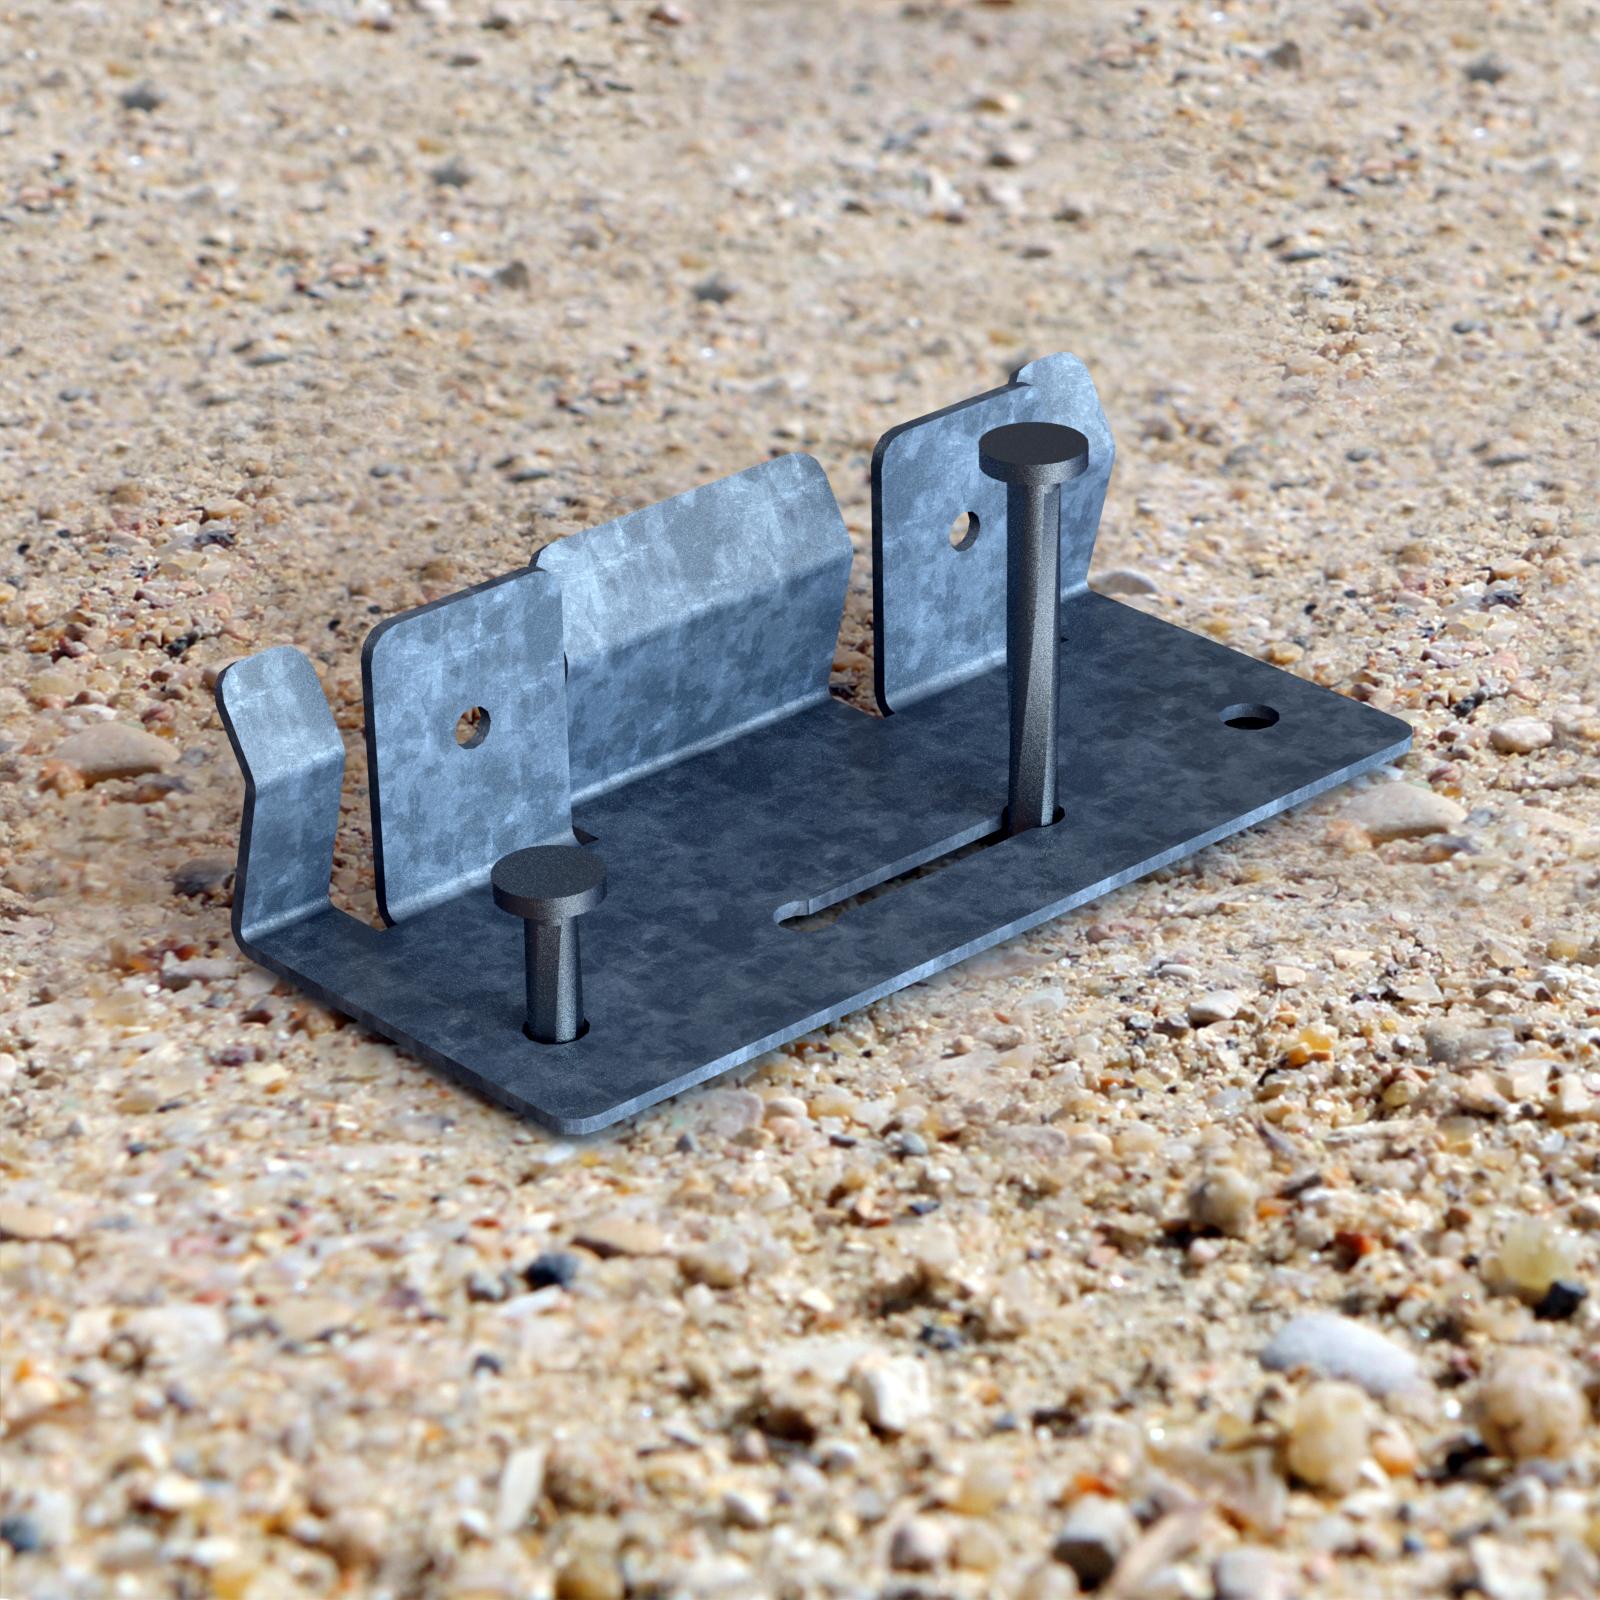 pinces de raccordement jonction pour bordures de jardin en acier fer corten pvc délimitation séparation de massif pelouse gazon